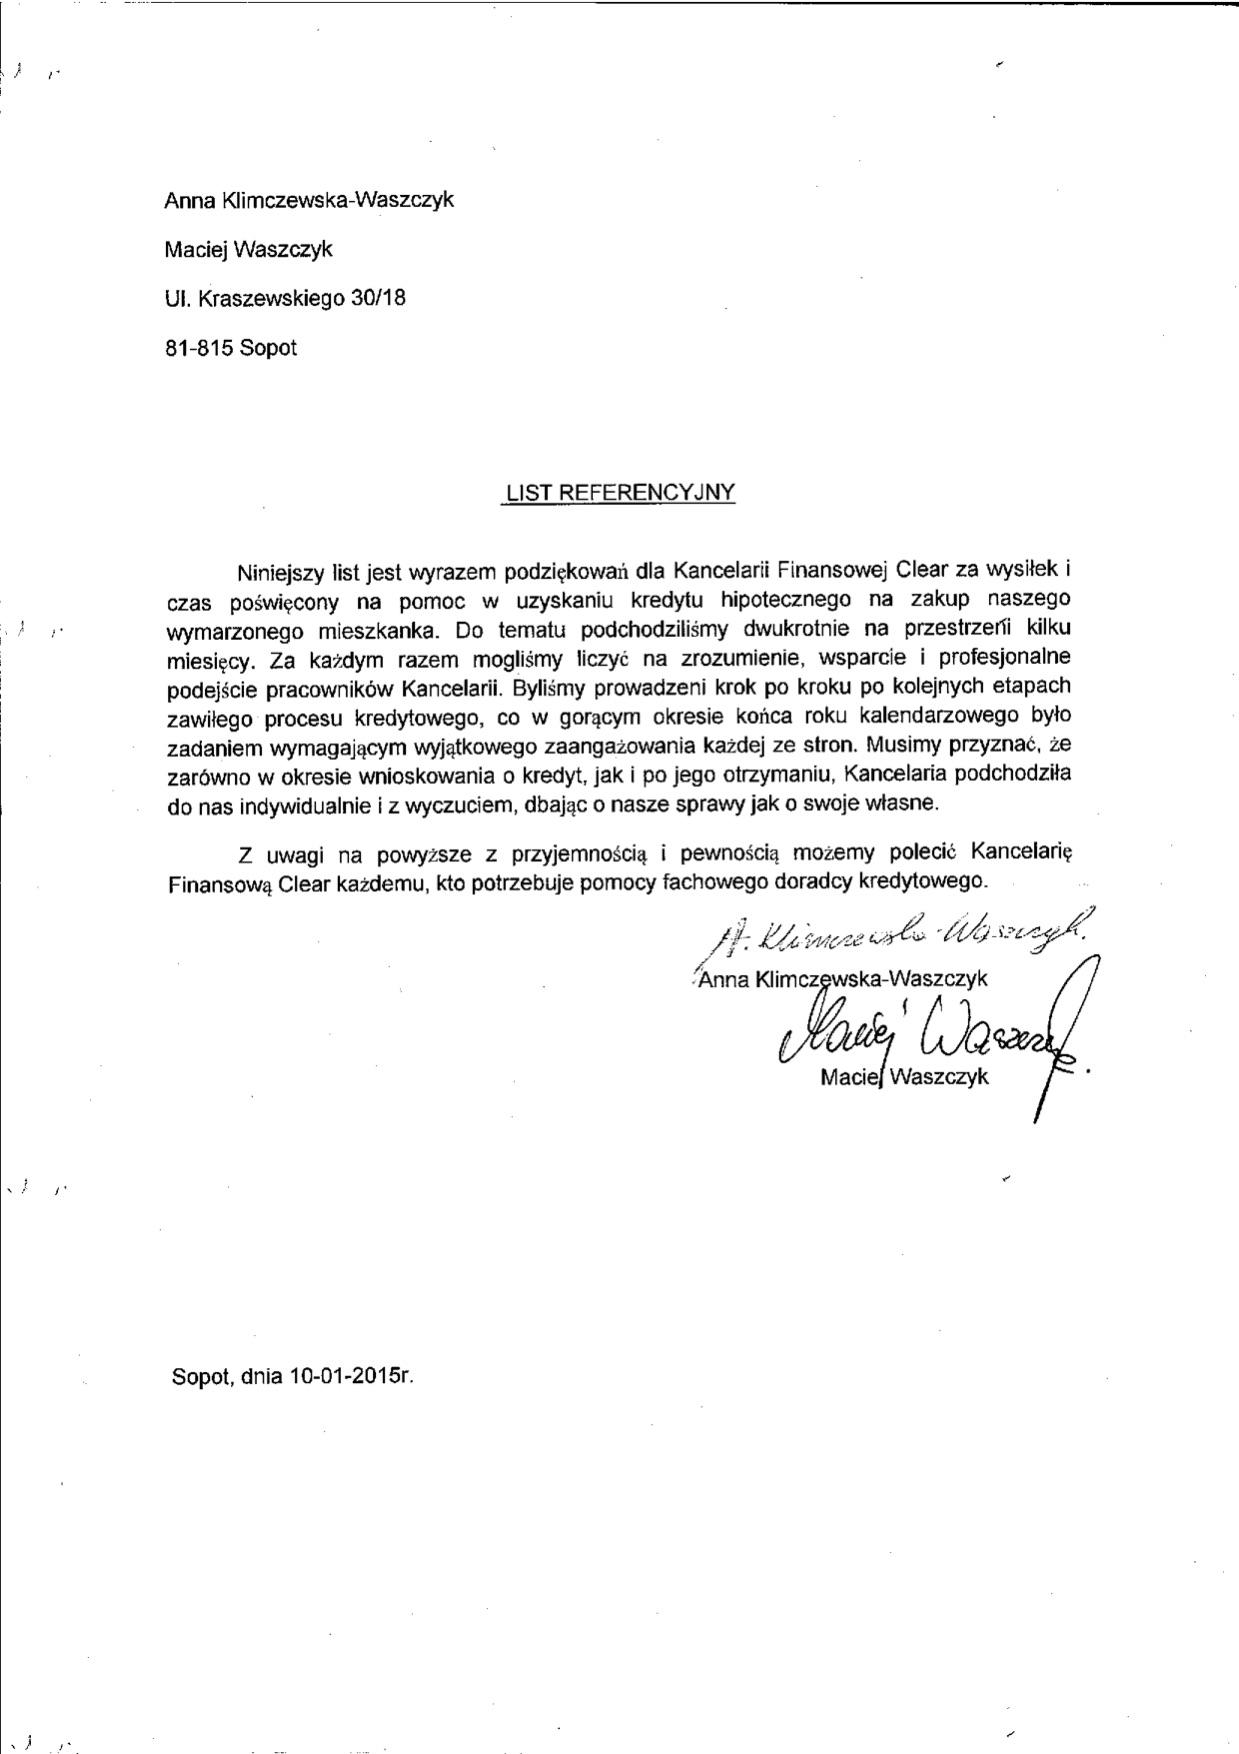 Referencje dla kancelaria clear warszawa od Maciej W.